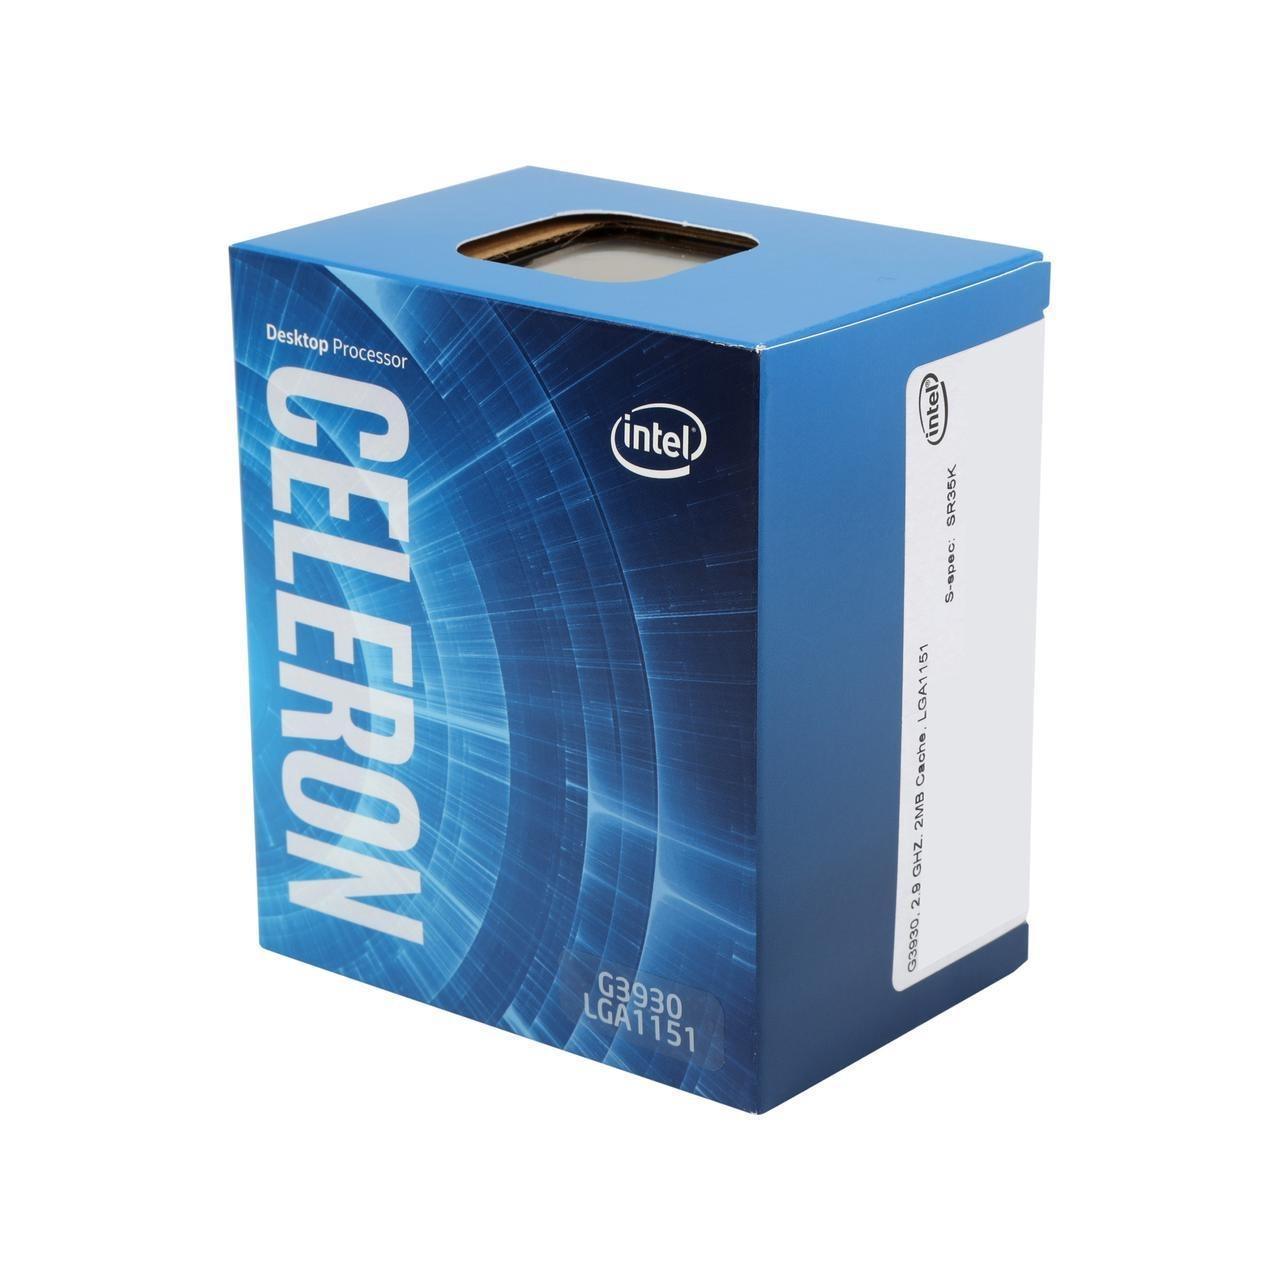 Bộ Vi xử lí Intel Celeron G3930